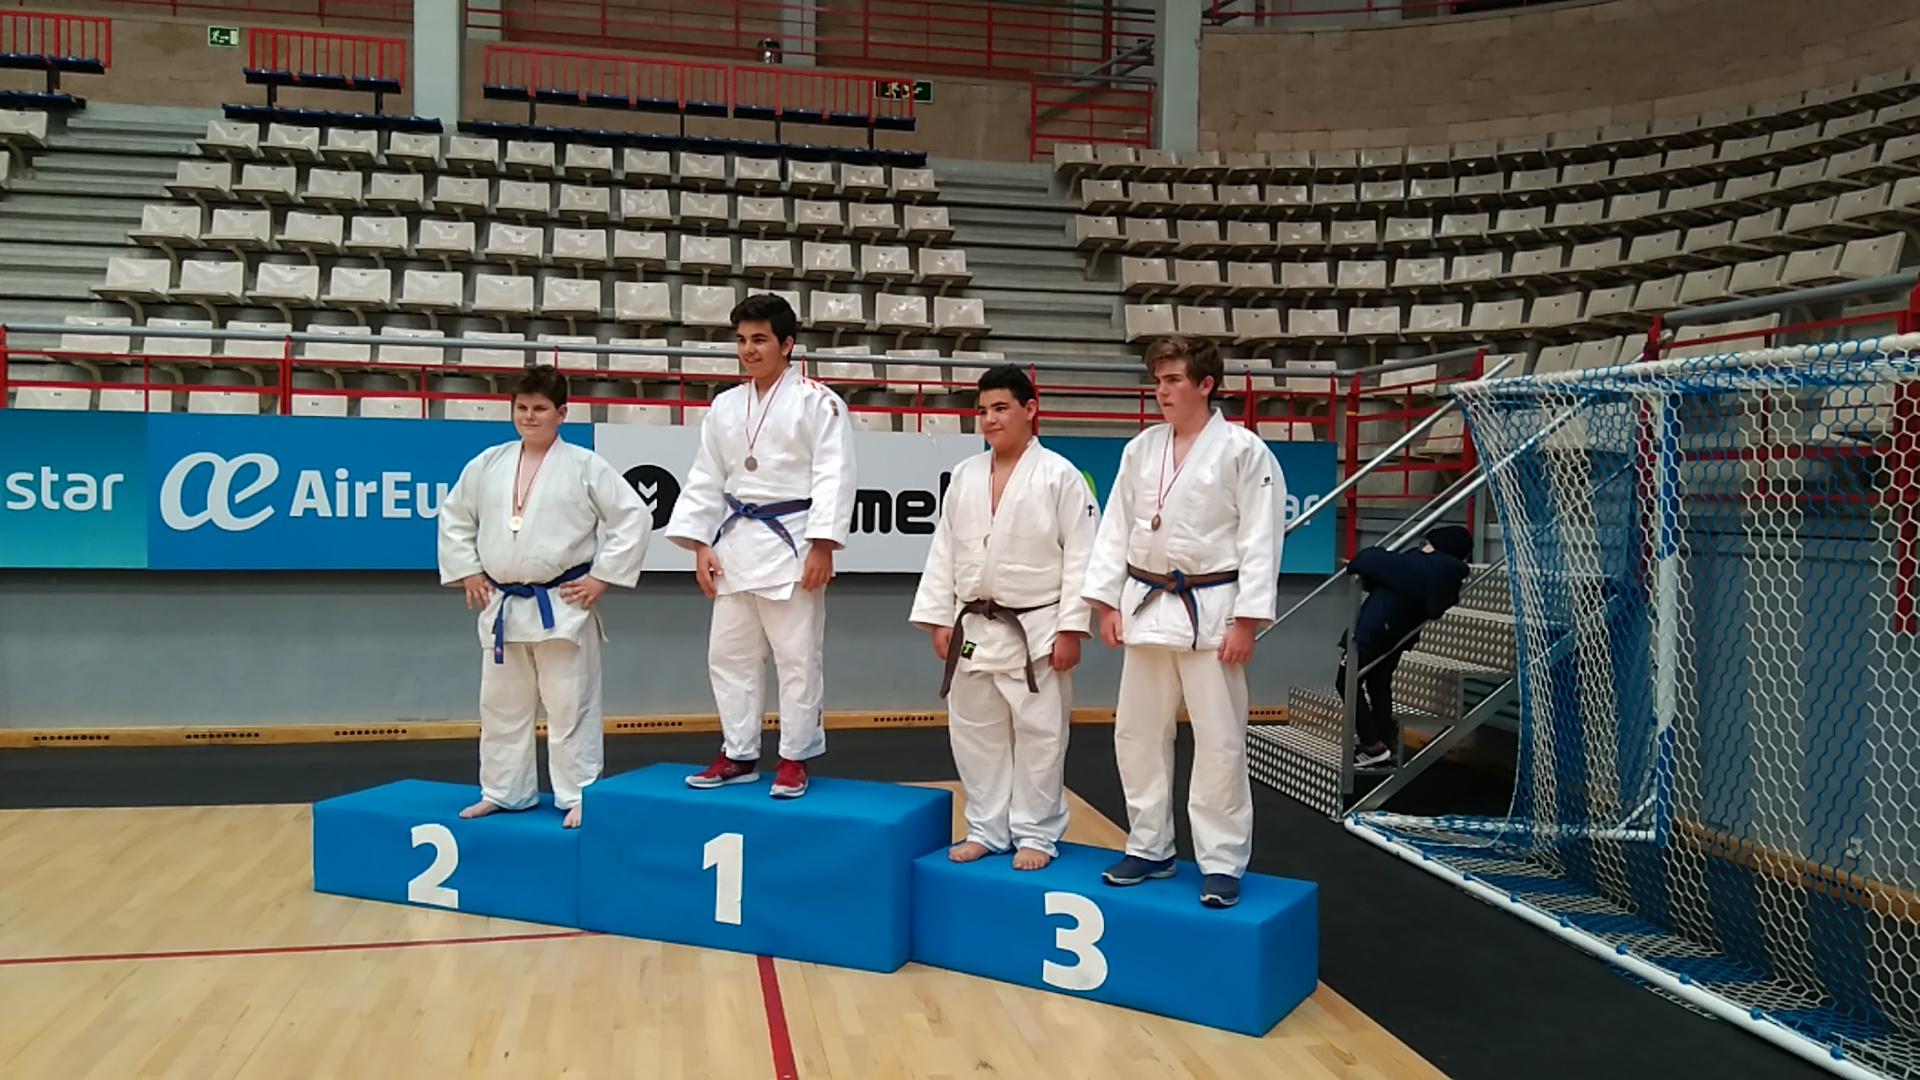 Juan Luis Moreno, obtuvo el tercer puesto en la competición de judo clasificatoria para el Campeonato de Madrid